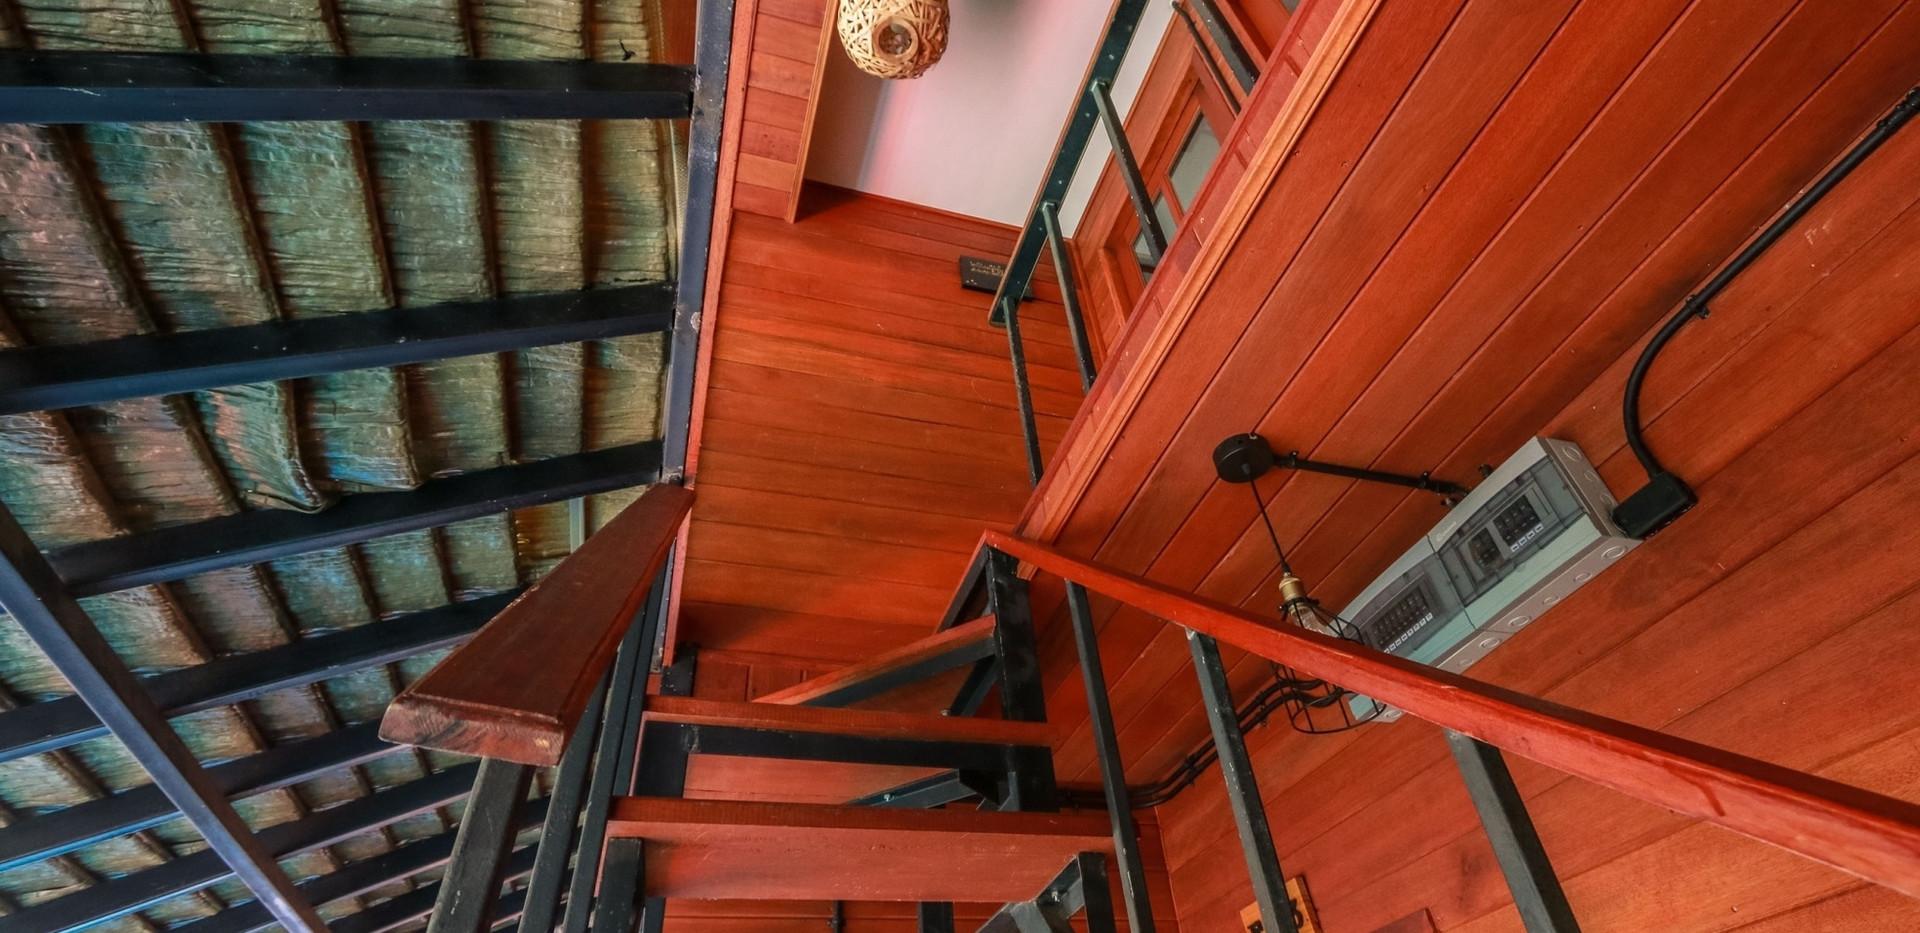 ห้องFamilyด้านบน_200121_0001.jpg